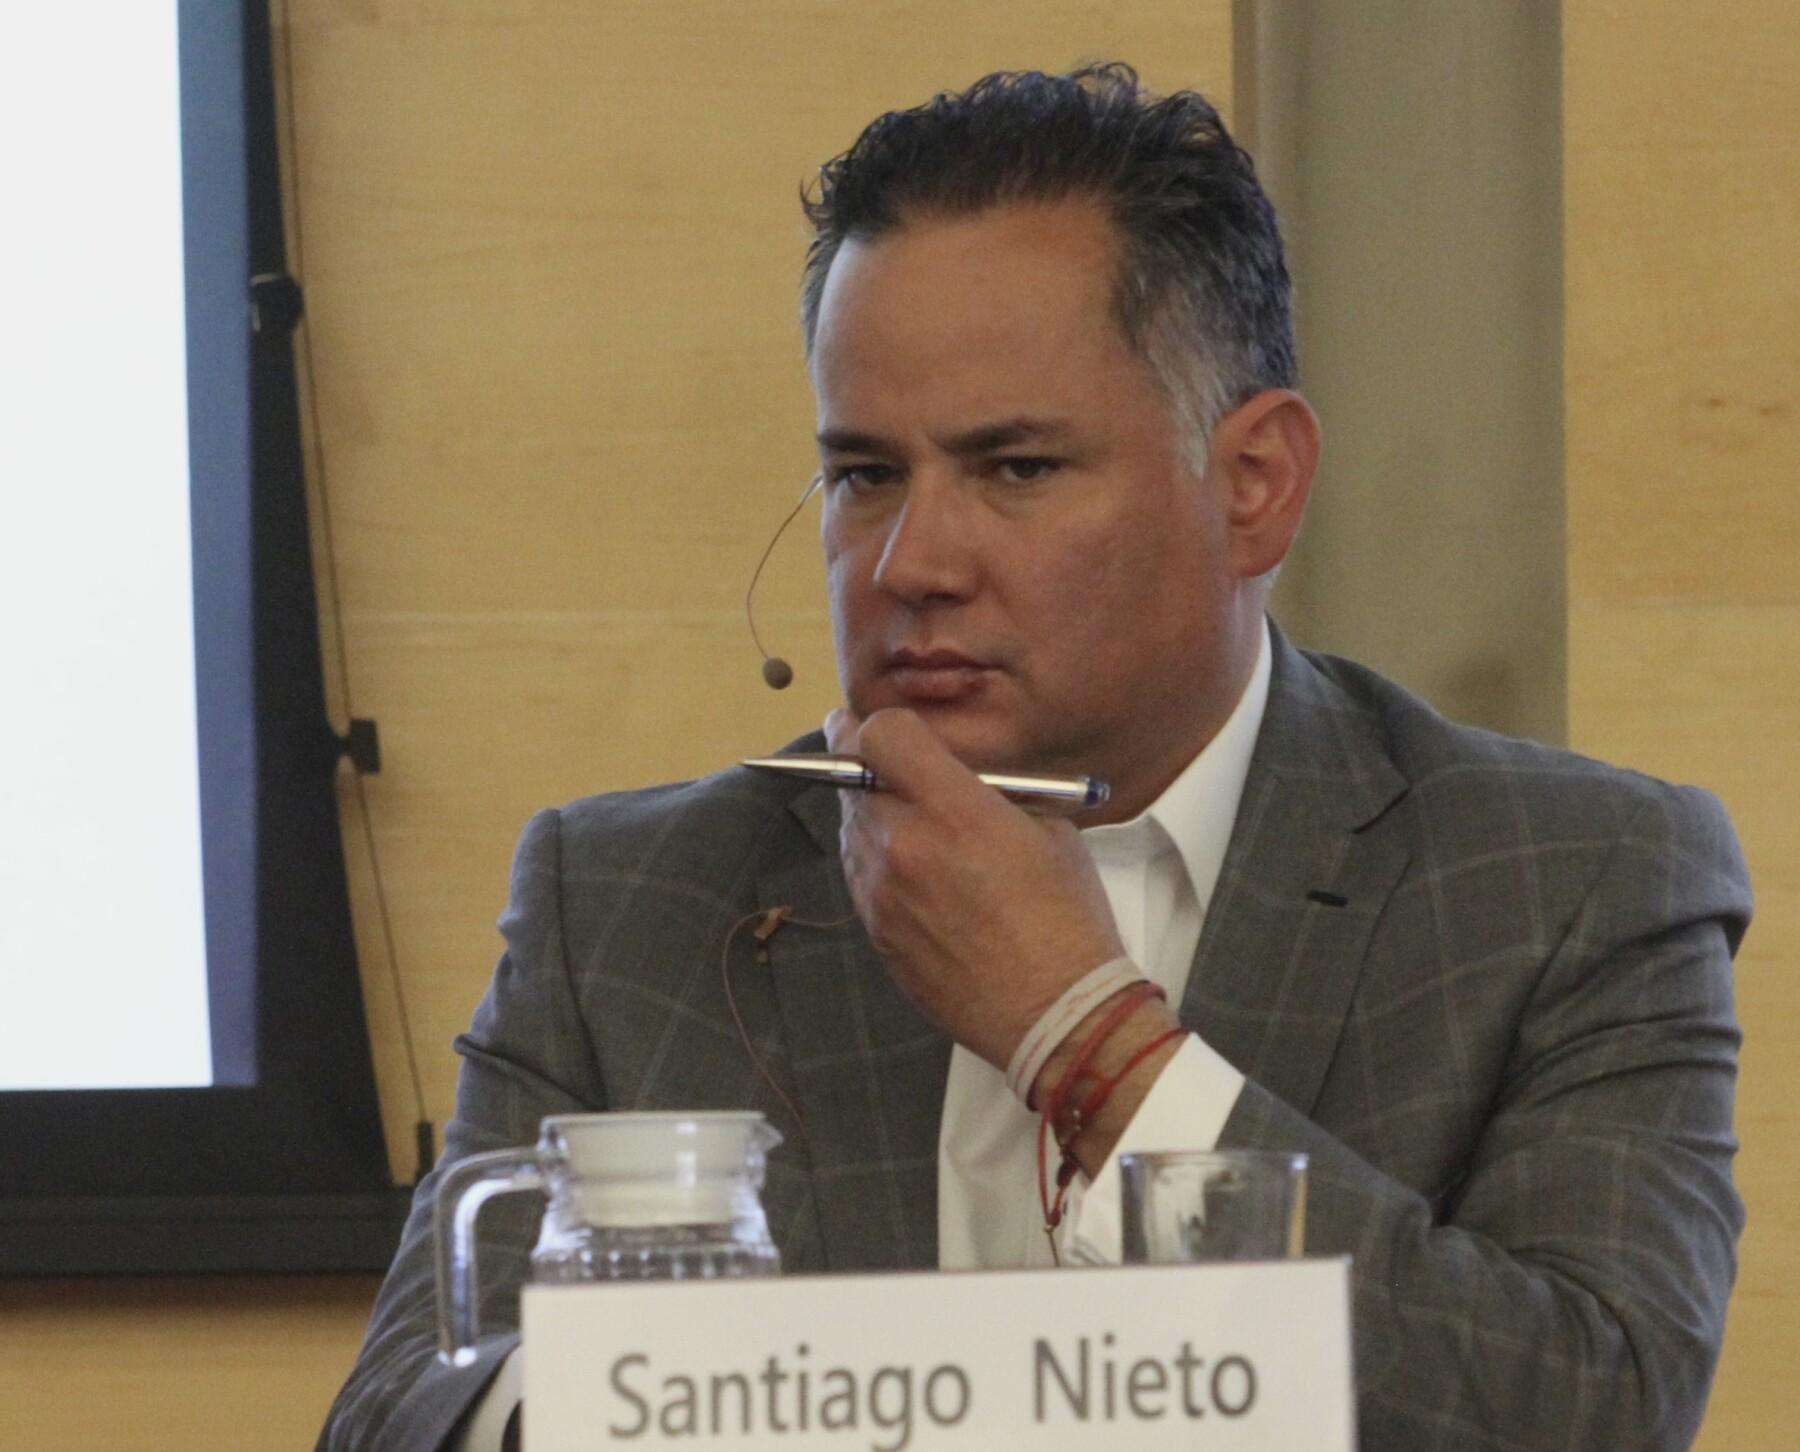 Santiago-Nieto